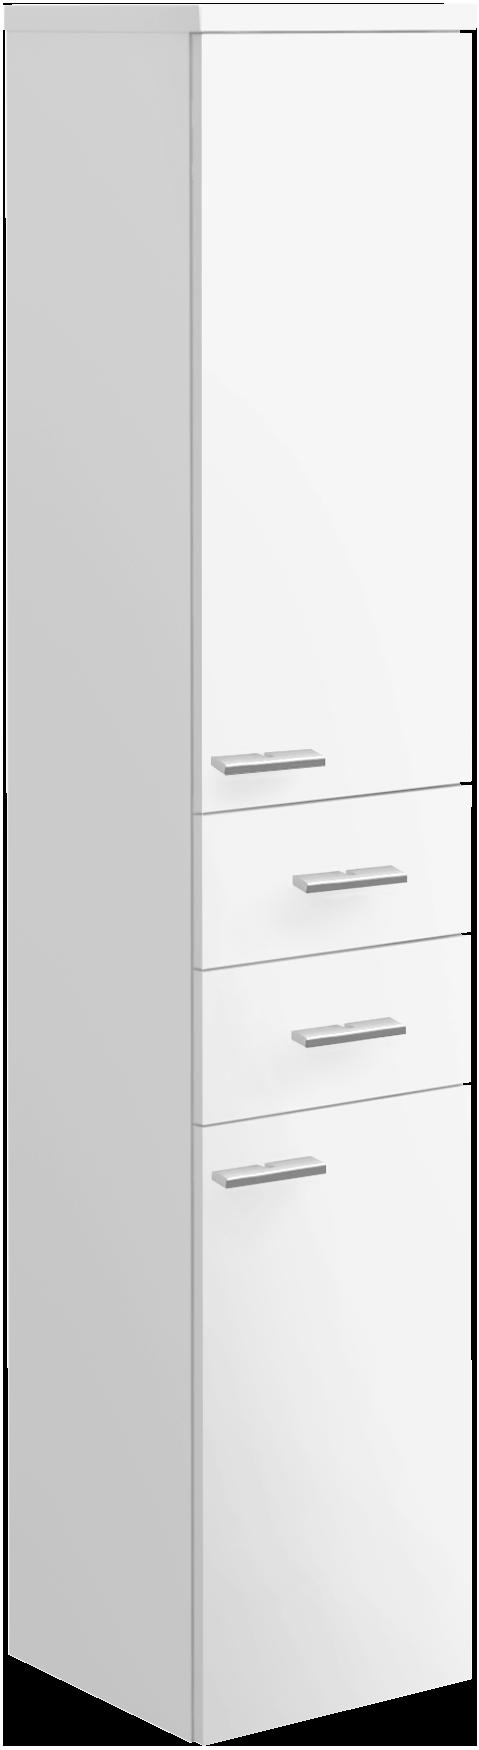 Central Line Bathroom furniture  Cabinet  Bathroom cabinets. Central Line Tall cabinet 9721U2   Villeroy   Boch